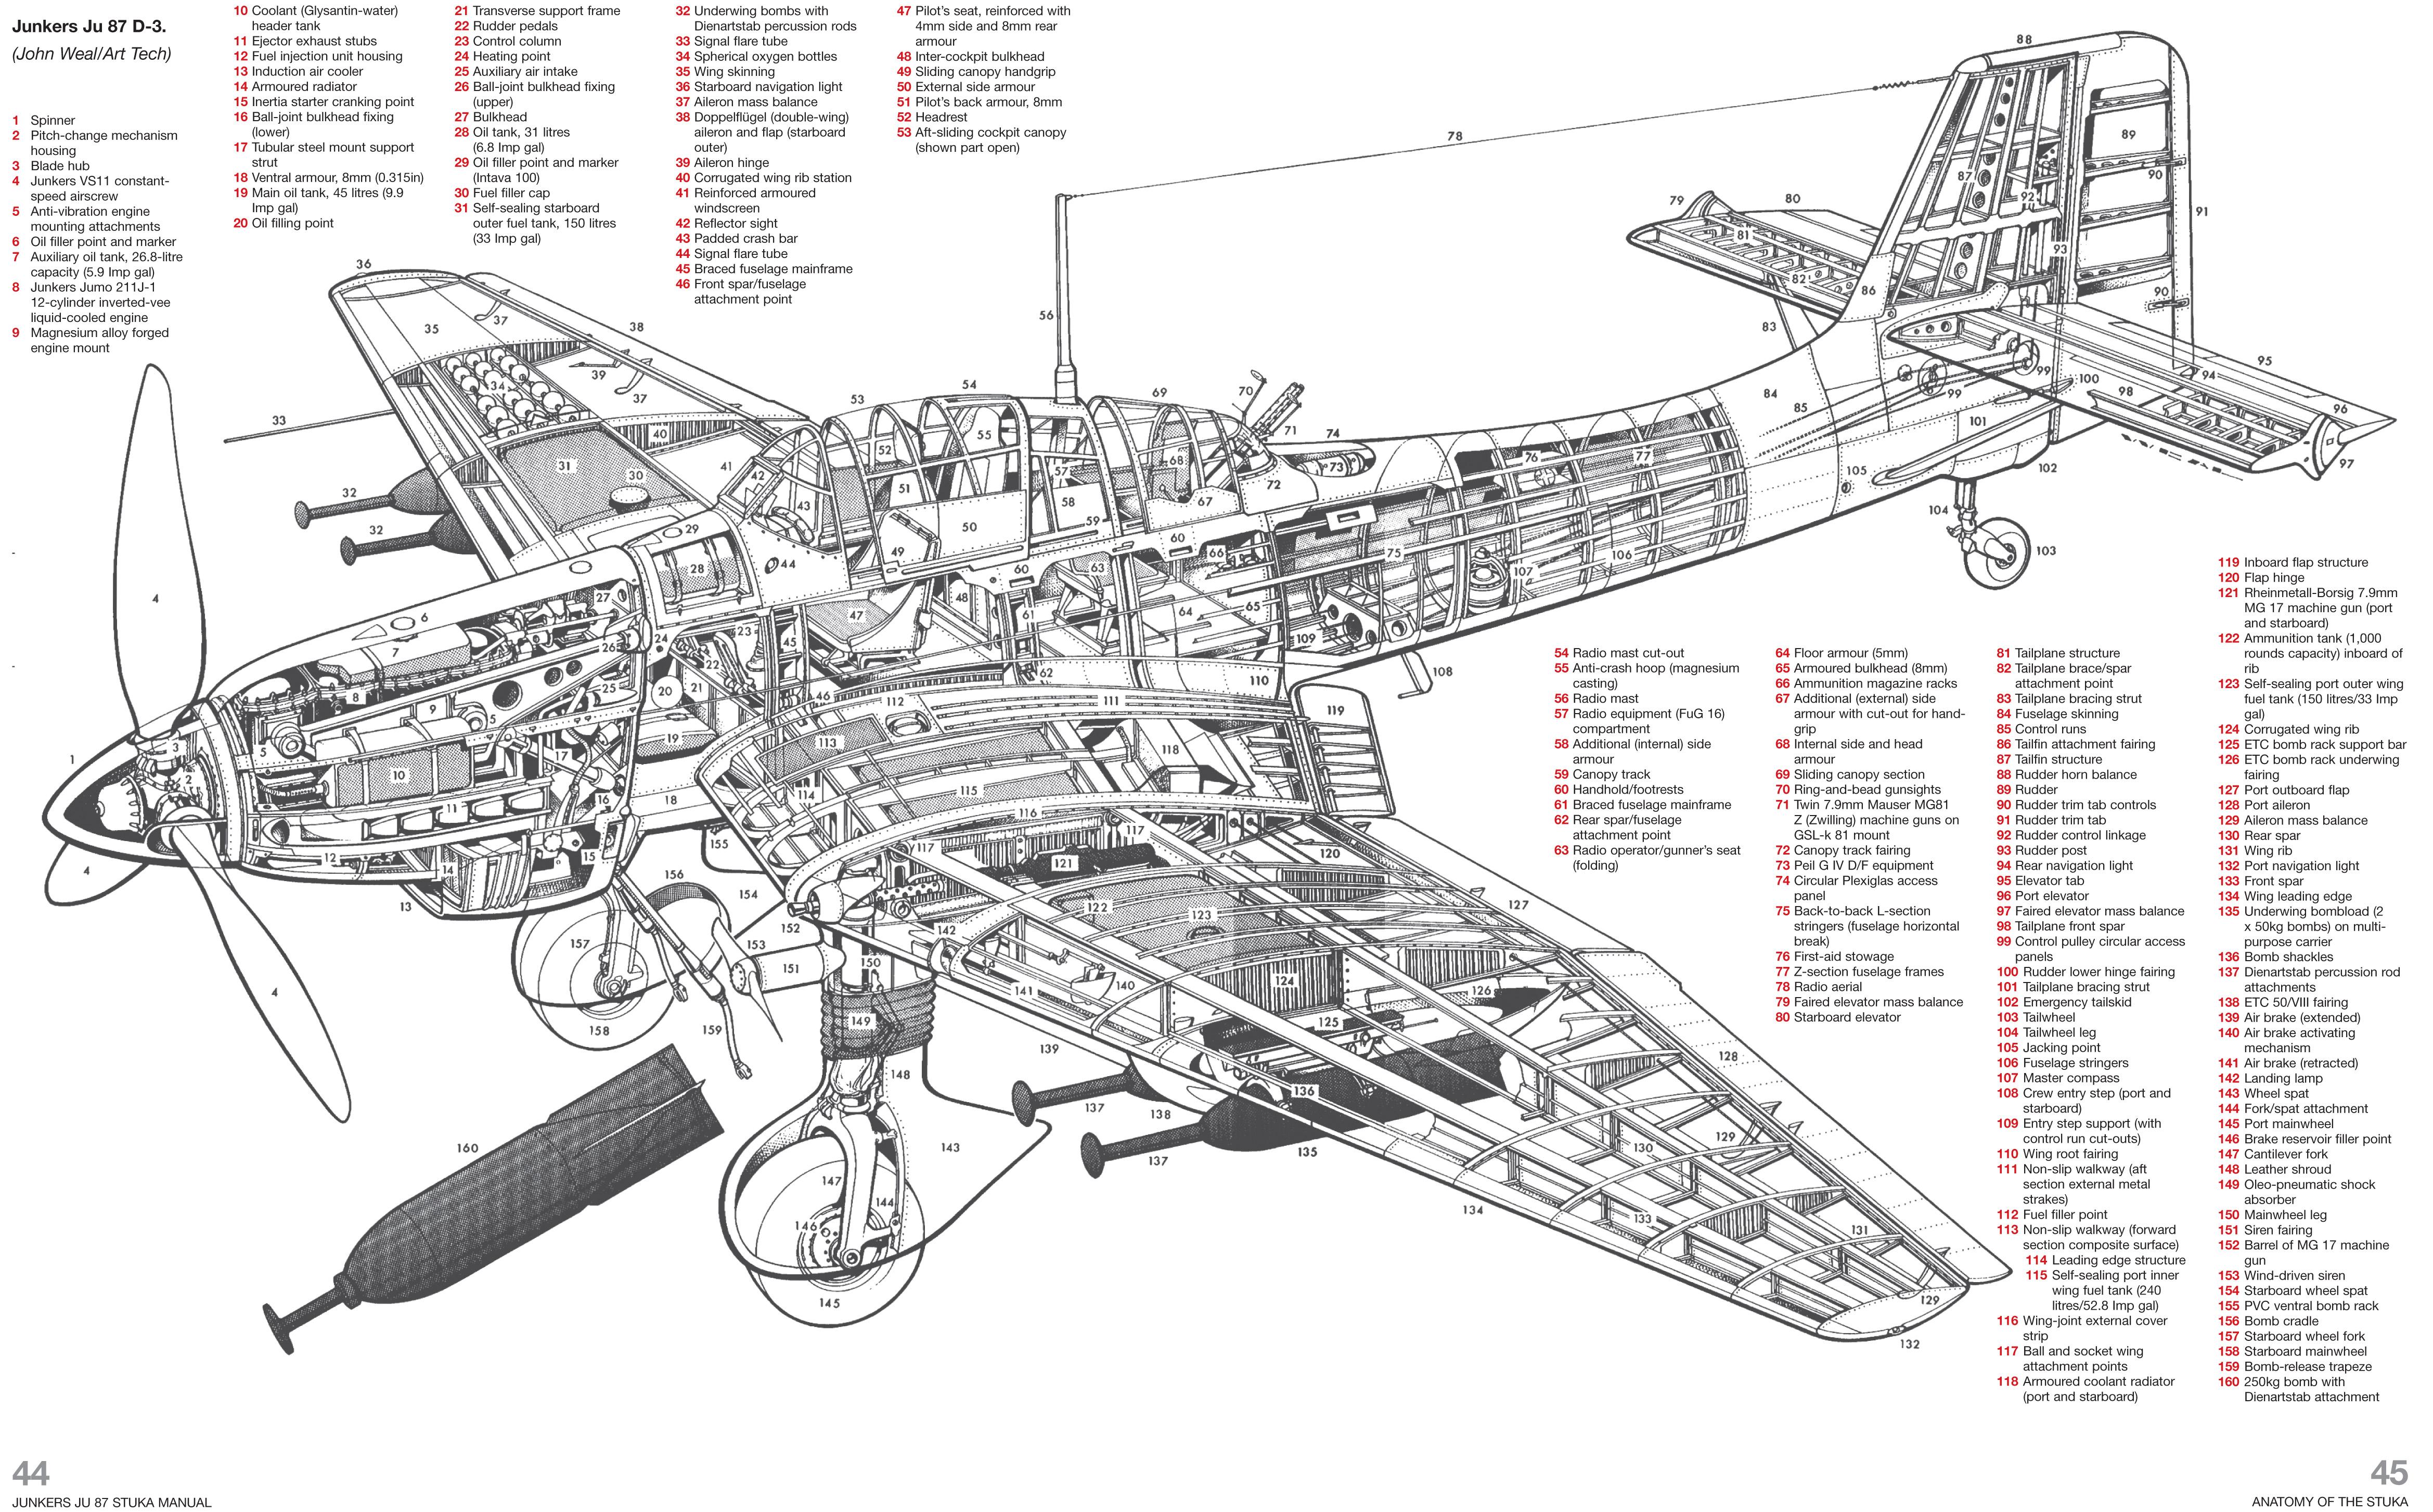 Junkers Ju 87 Stuka Manual_3